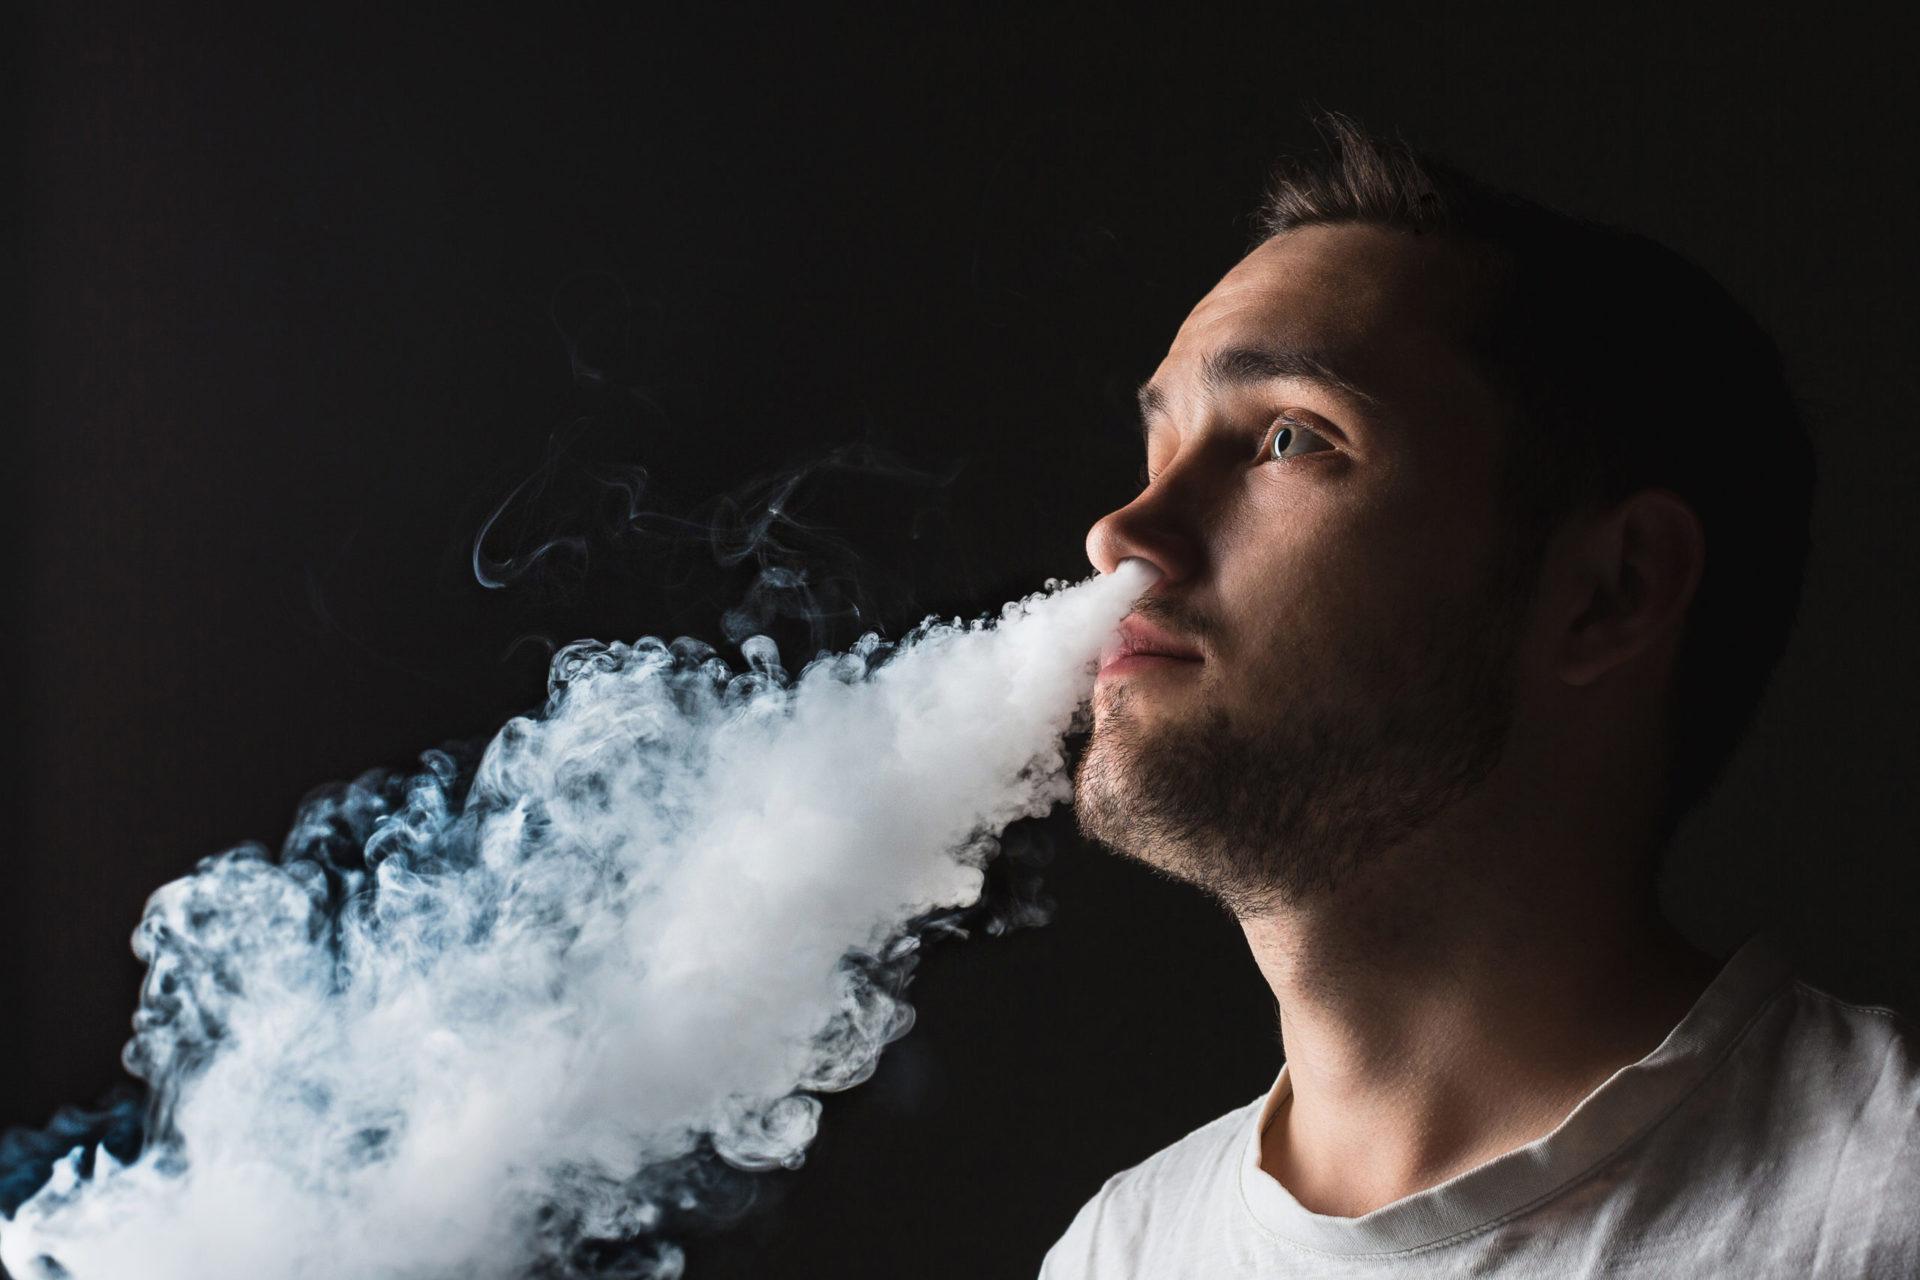 1828 1 scaled - Dank E-Zigarette mit dem Rauchen aufhören